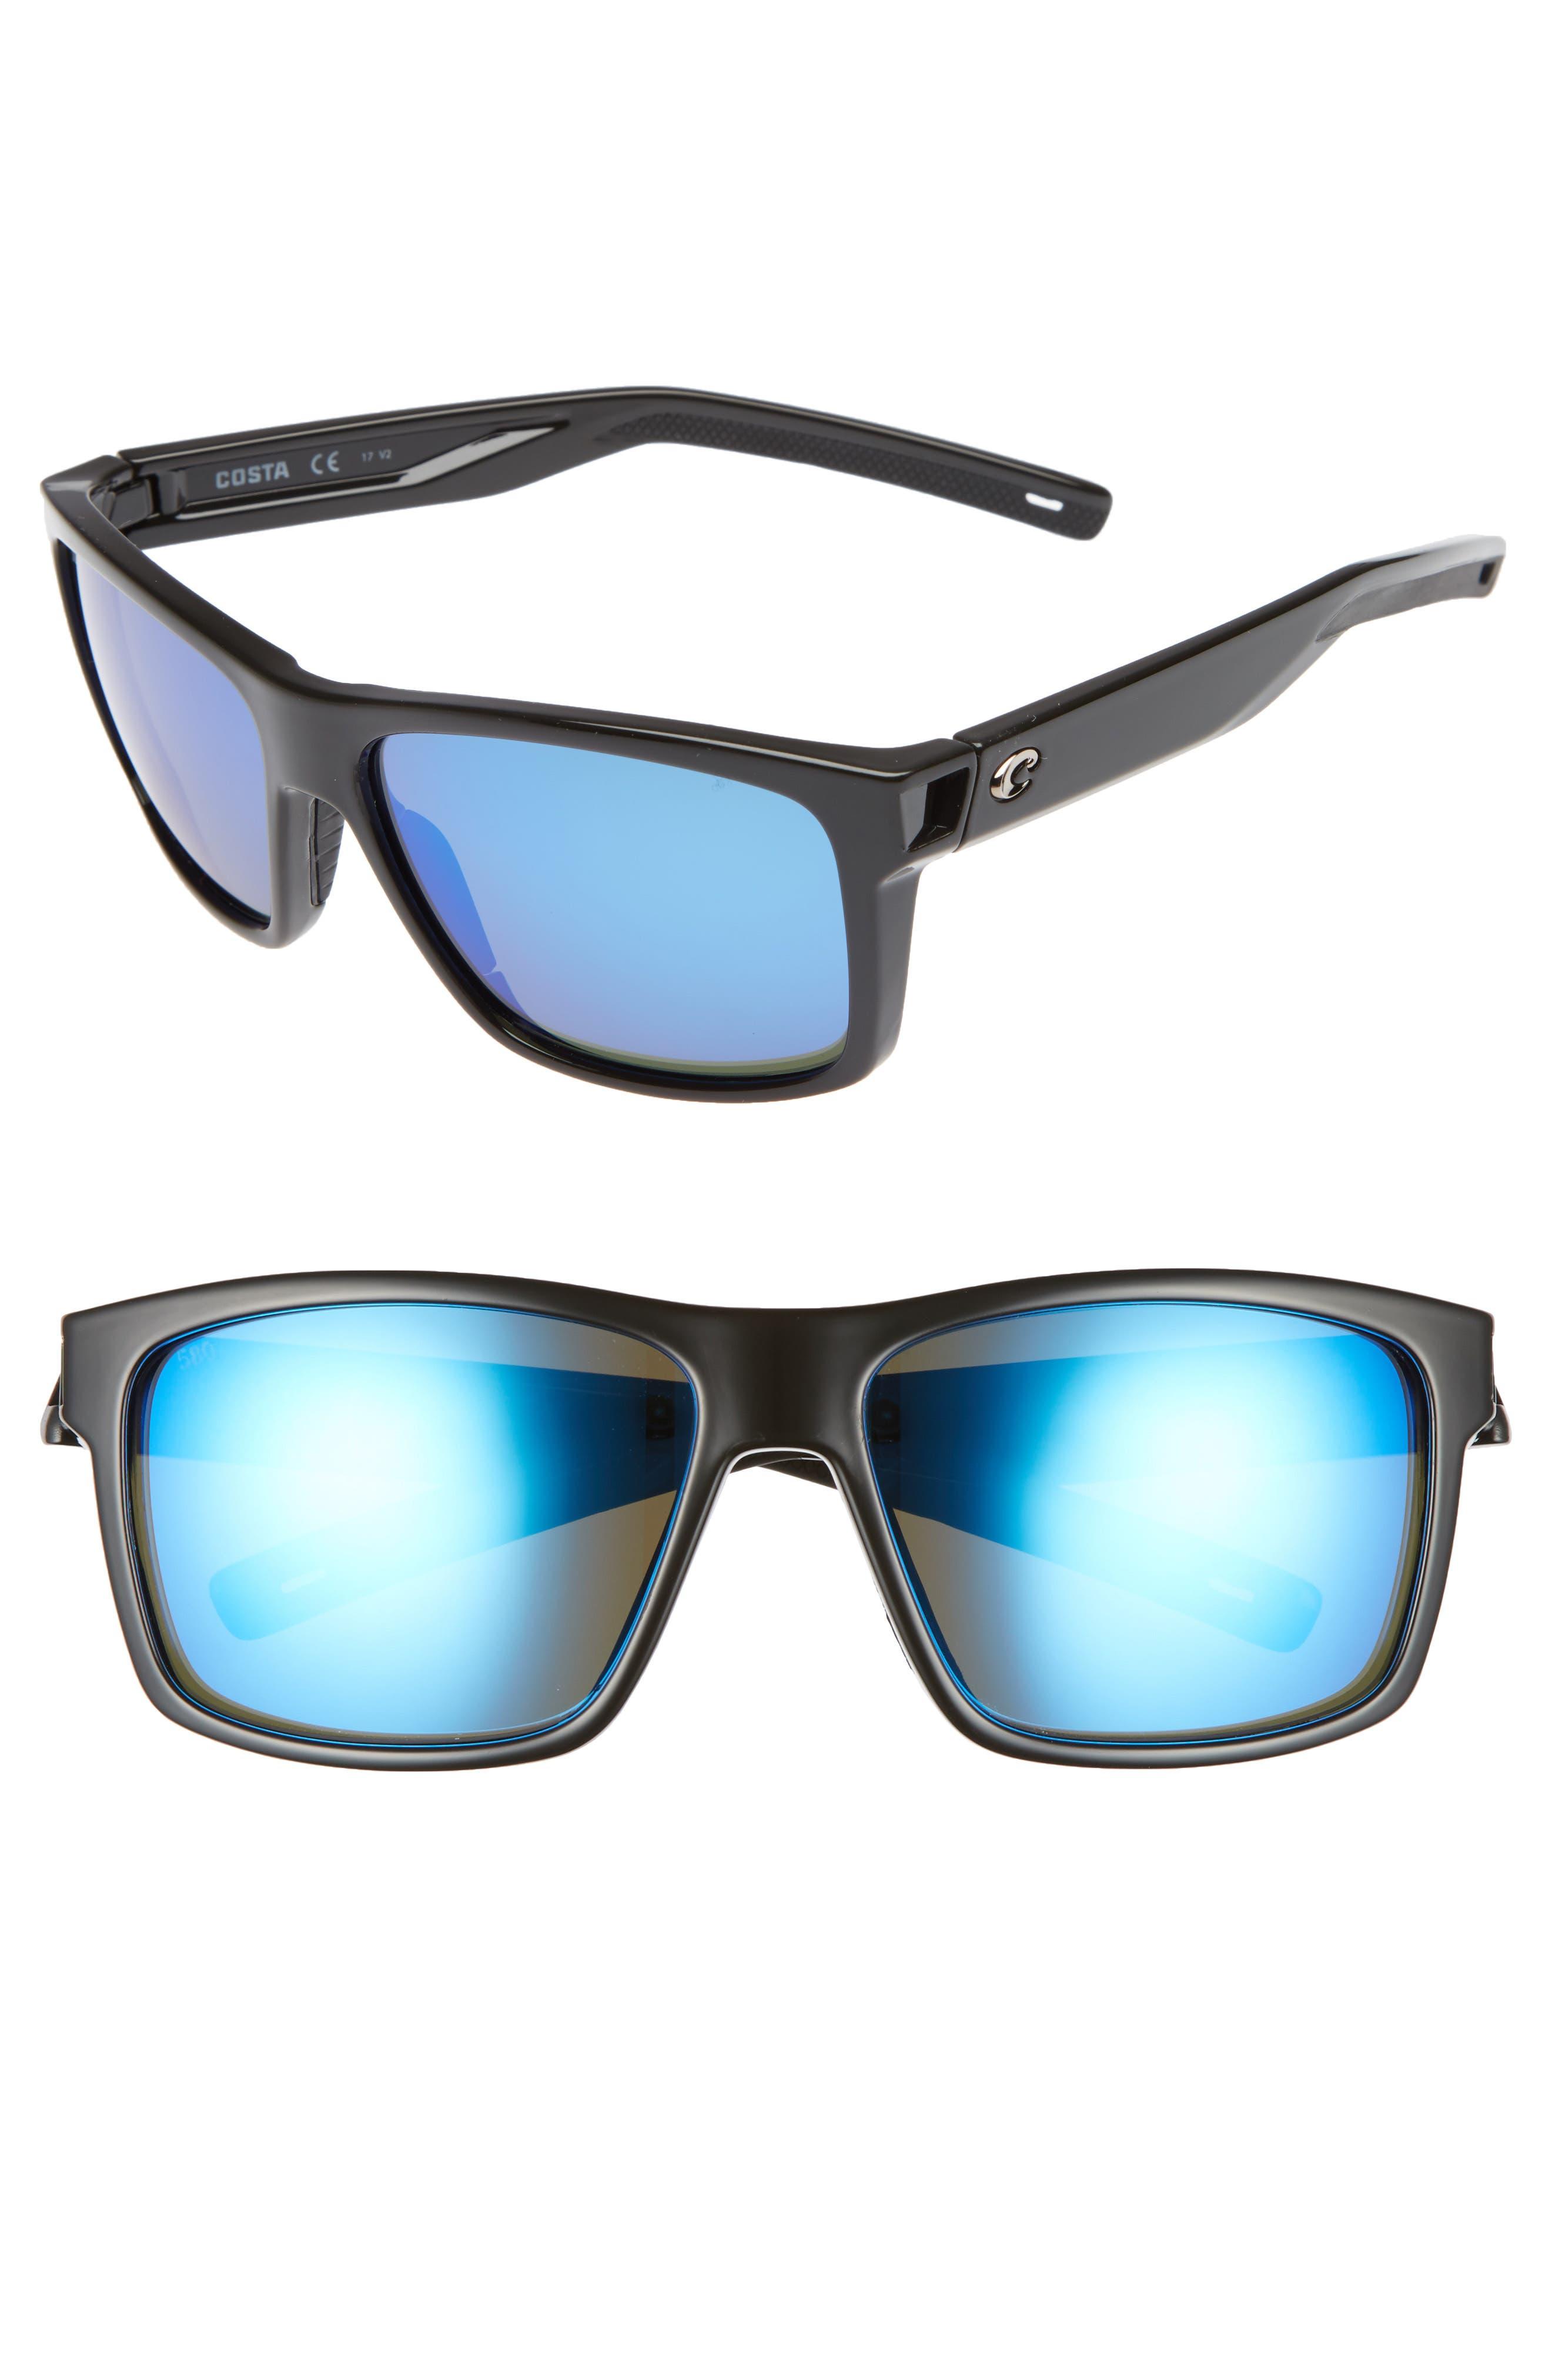 Slack Tide 58mm Polarized Sunglasses,                             Main thumbnail 1, color,                             SHINY BLACK/ BLUE MIRROR